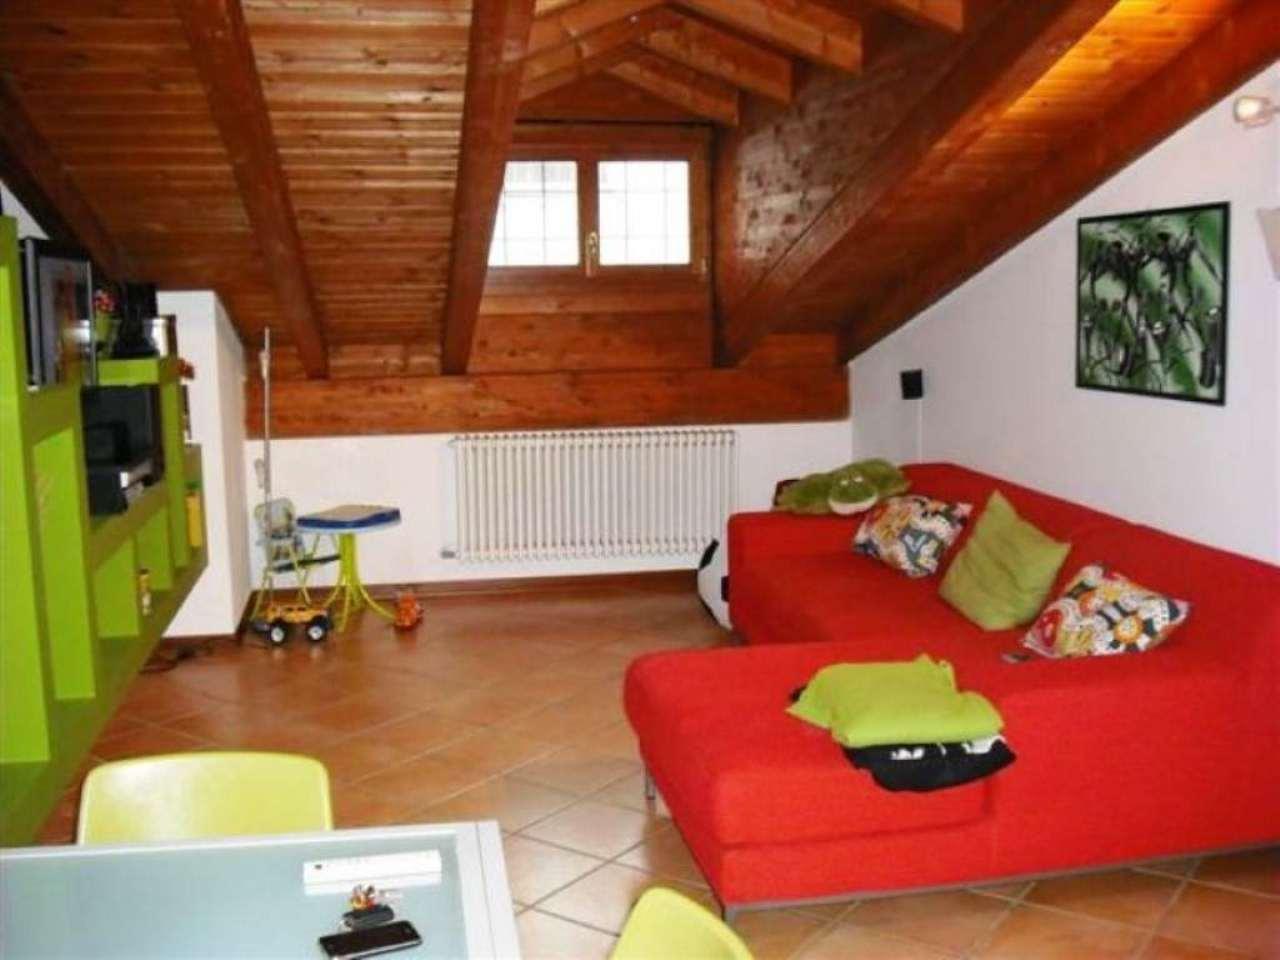 Appartamento in vendita a Sant'Agata Bolognese, 2 locali, prezzo € 88.000 | Cambio Casa.it